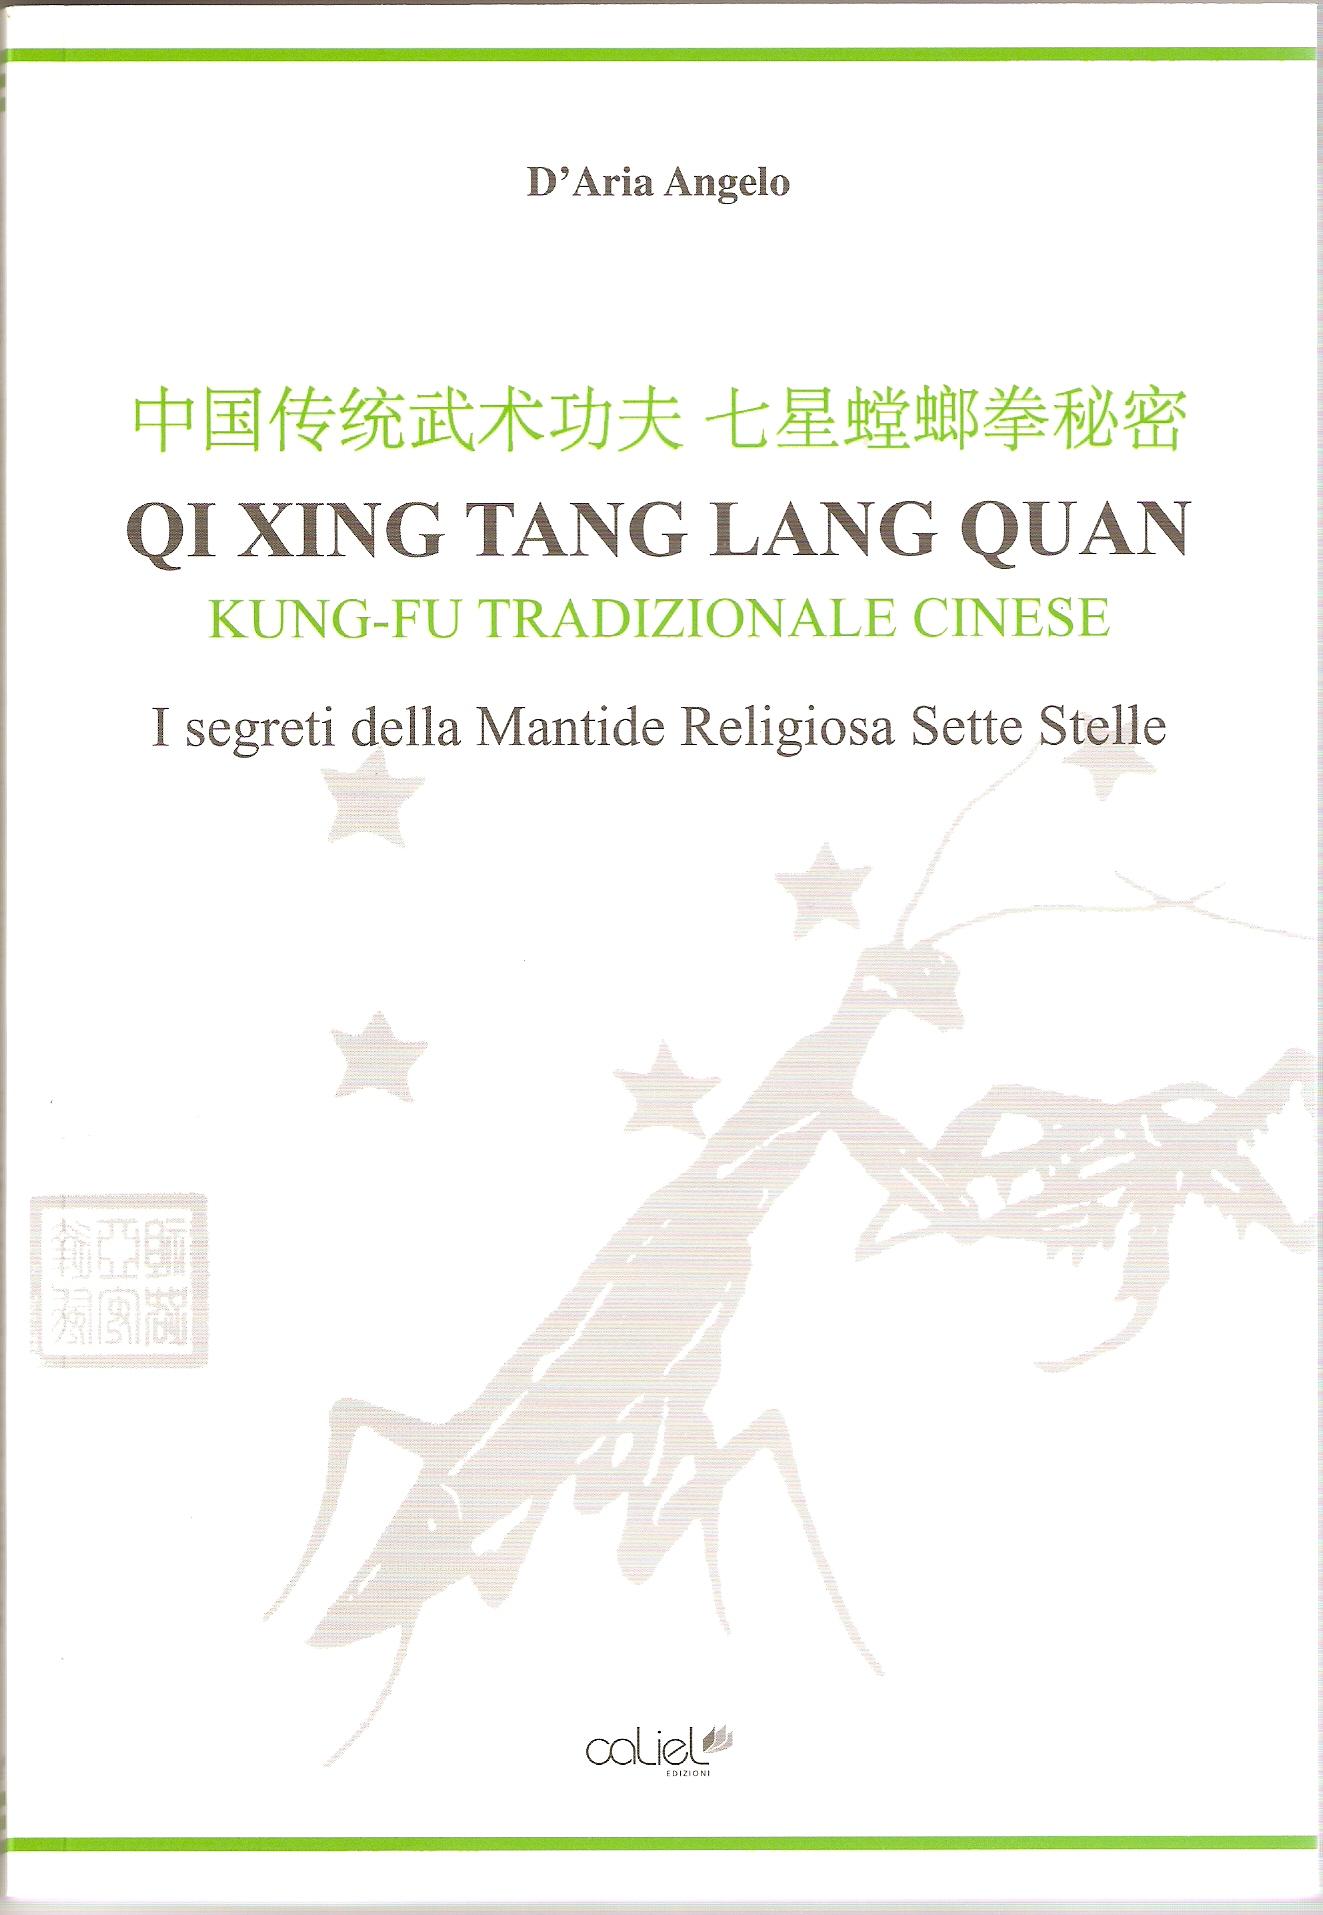 Libro ( I Segreti del QI XING TANG LANG QUAN) by D'ARIA ANGELO